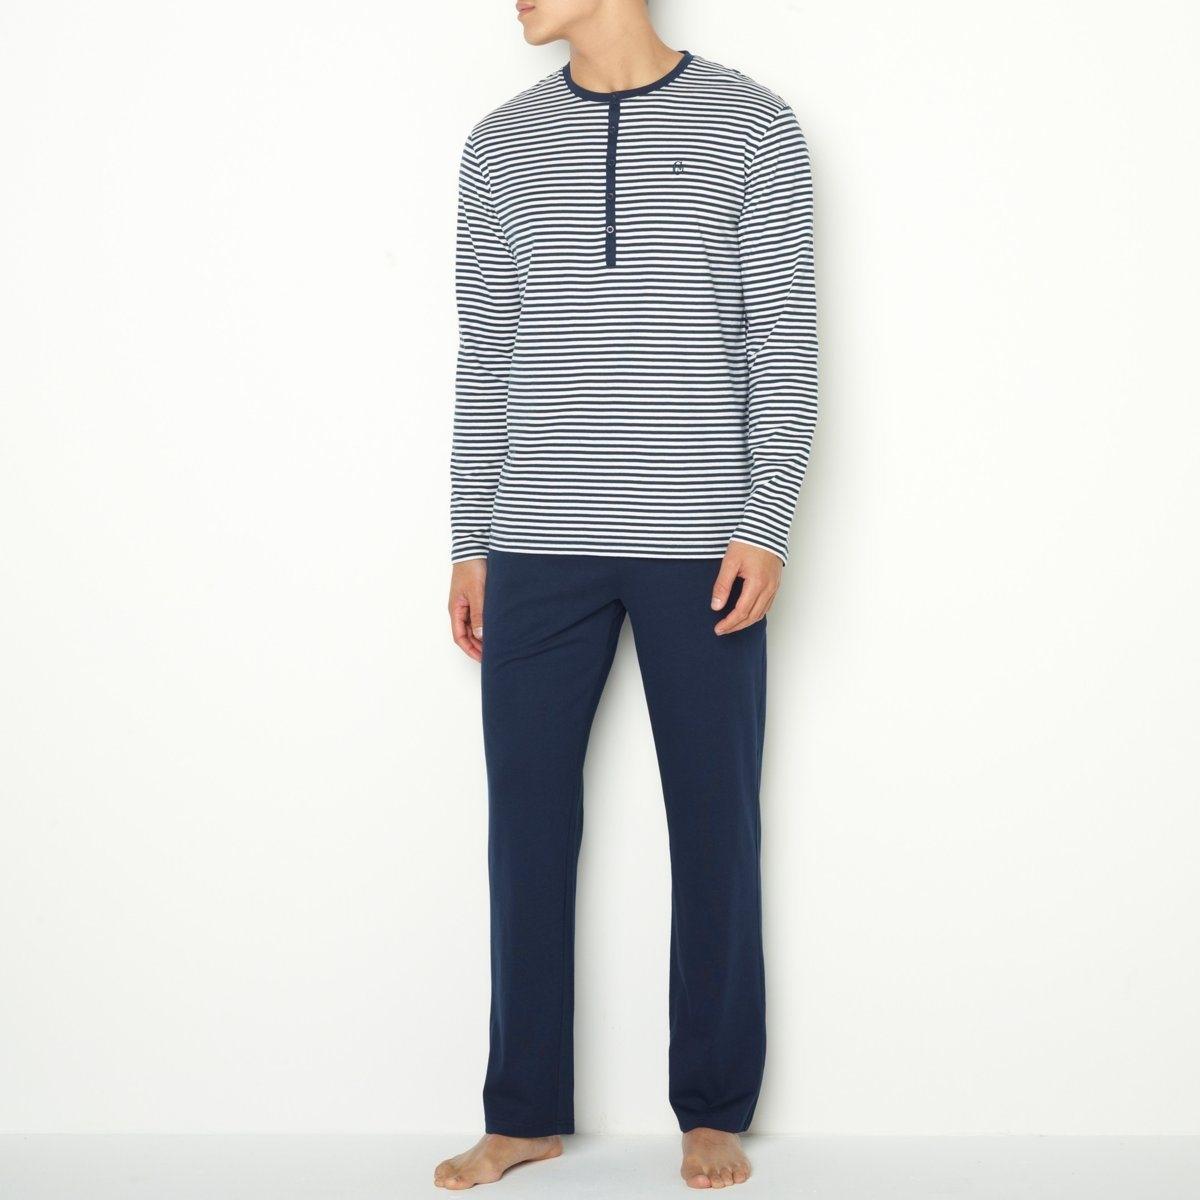 ПижамаДжерси, 100% хлопка. Футболка в полоску с длинными рукавами. Вышивка на груди. Однотонные брюки с эластичным поясом. 2 кармана по бокам.<br><br>Цвет: в полоску синий + белый,в полоску синий/светло-серый<br>Размер: XL.XXL